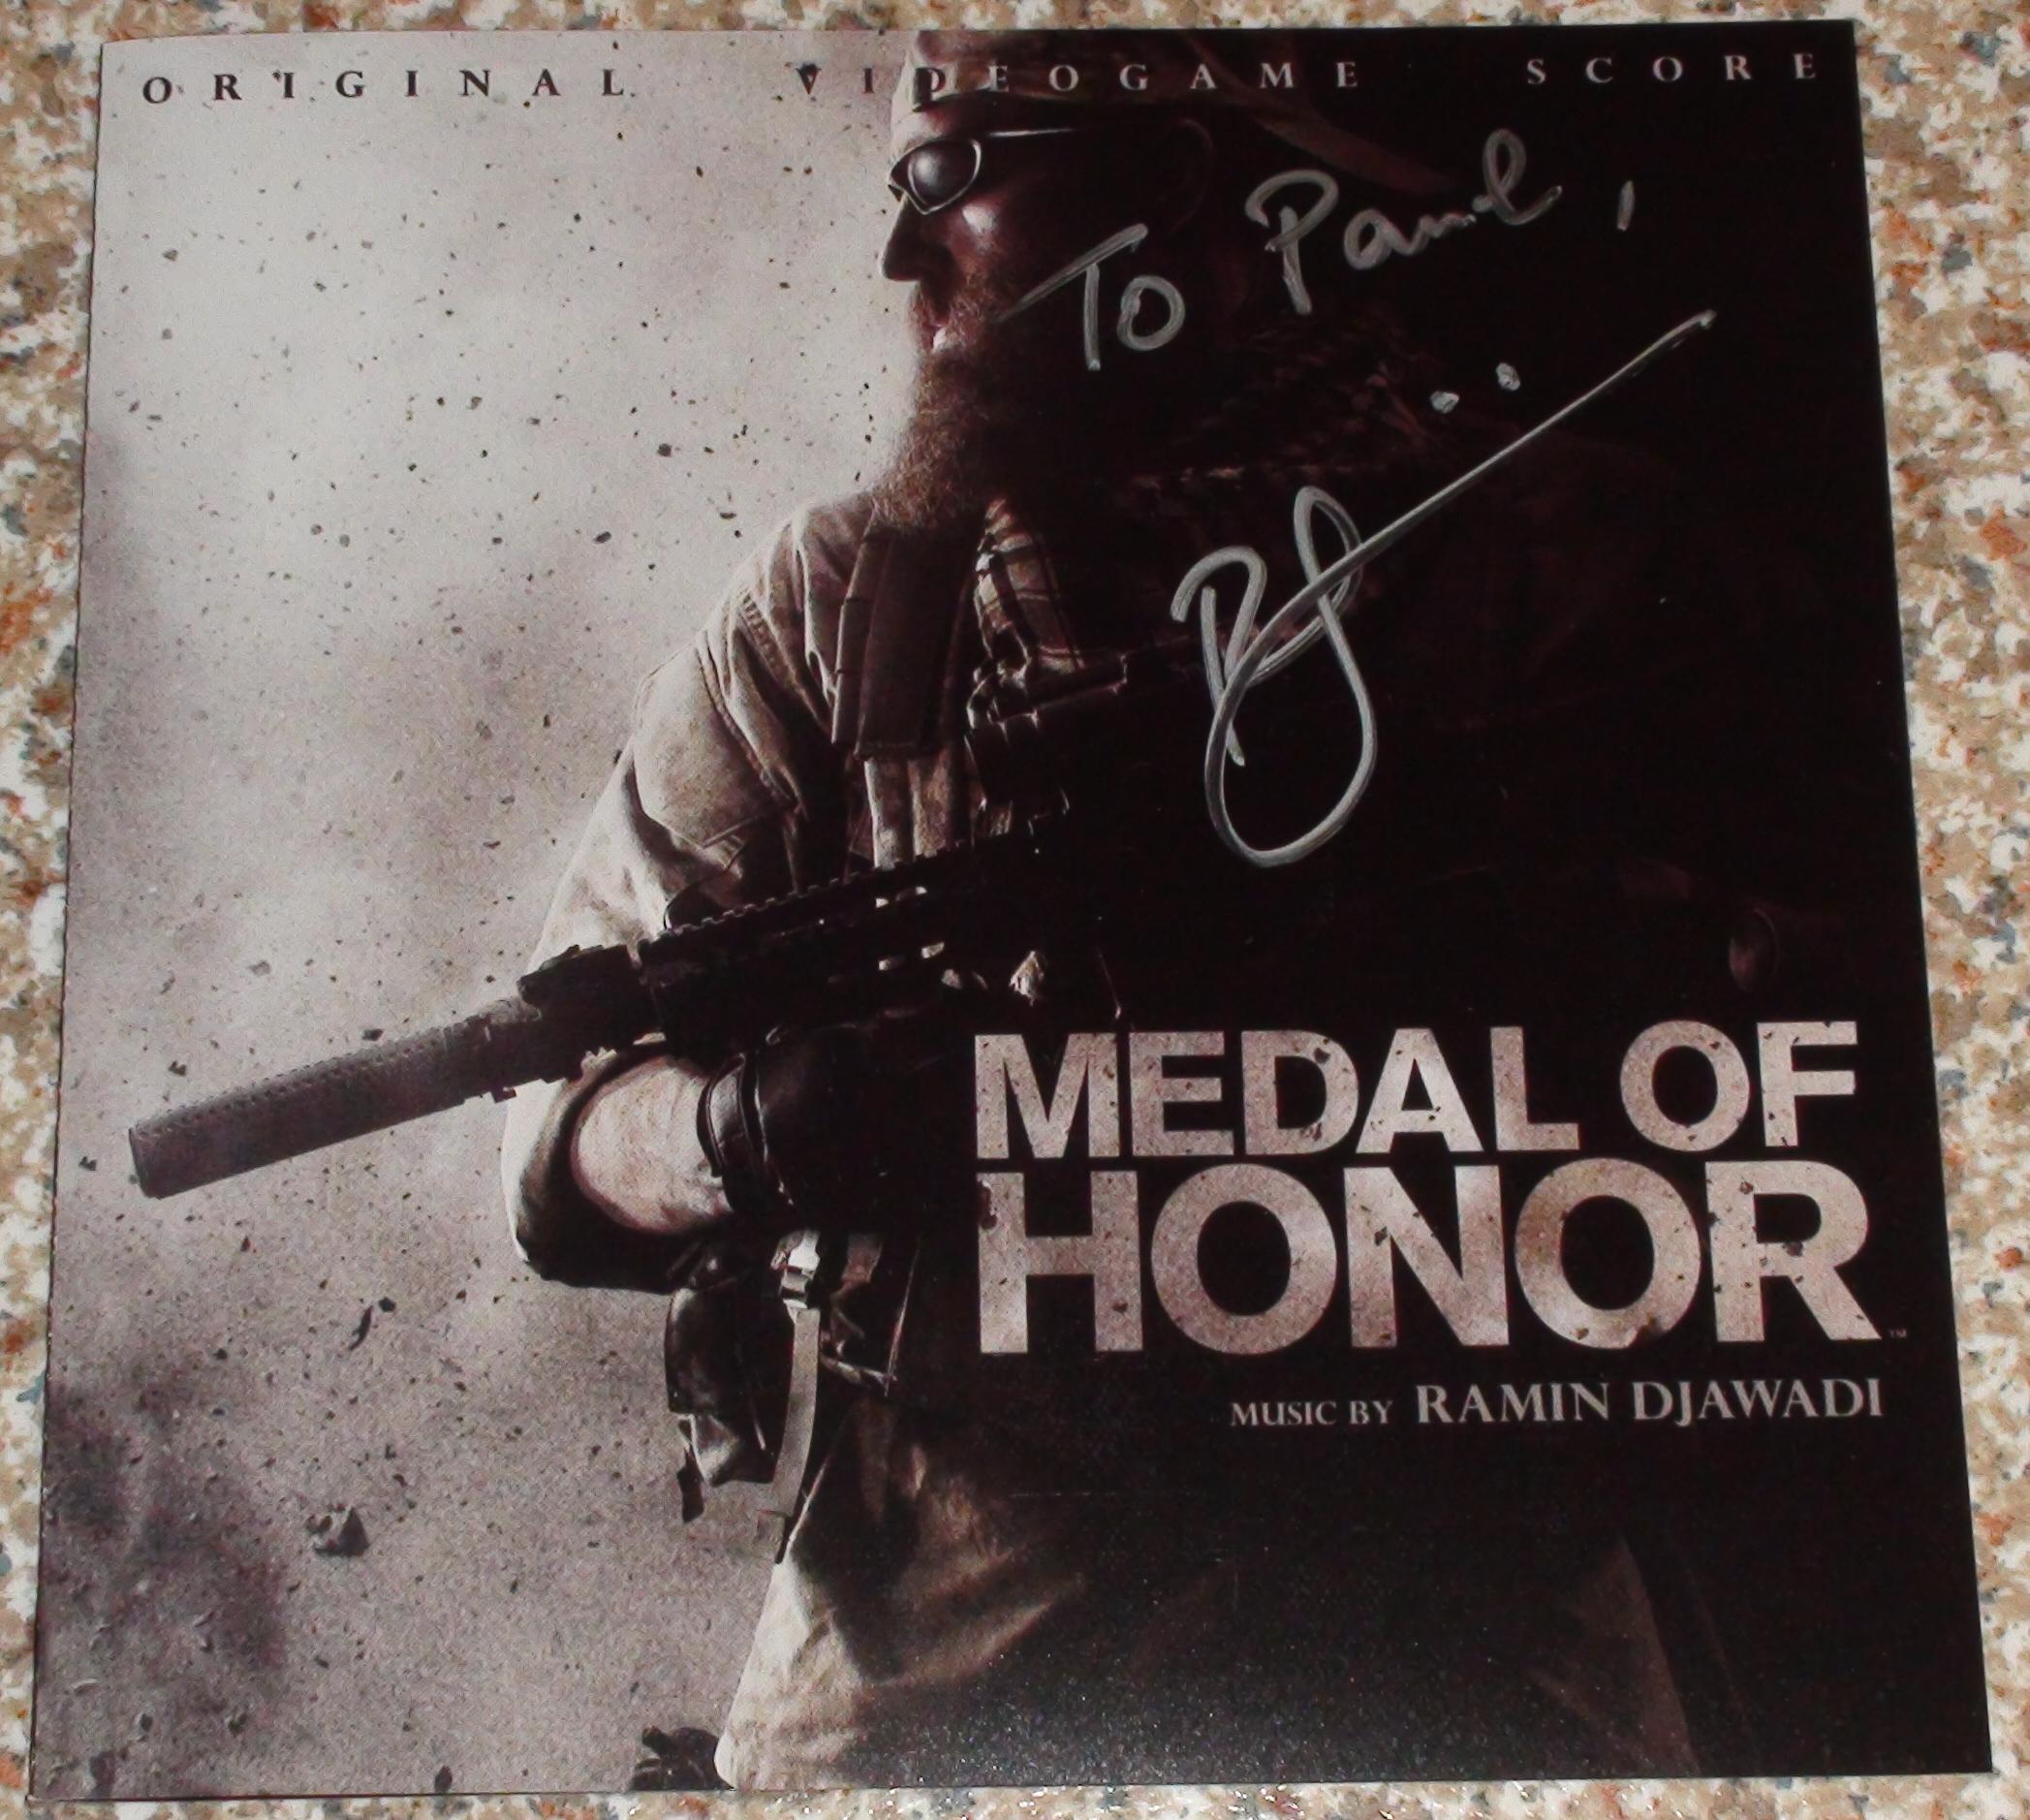 Medal of Honor - Ramin Djawadi